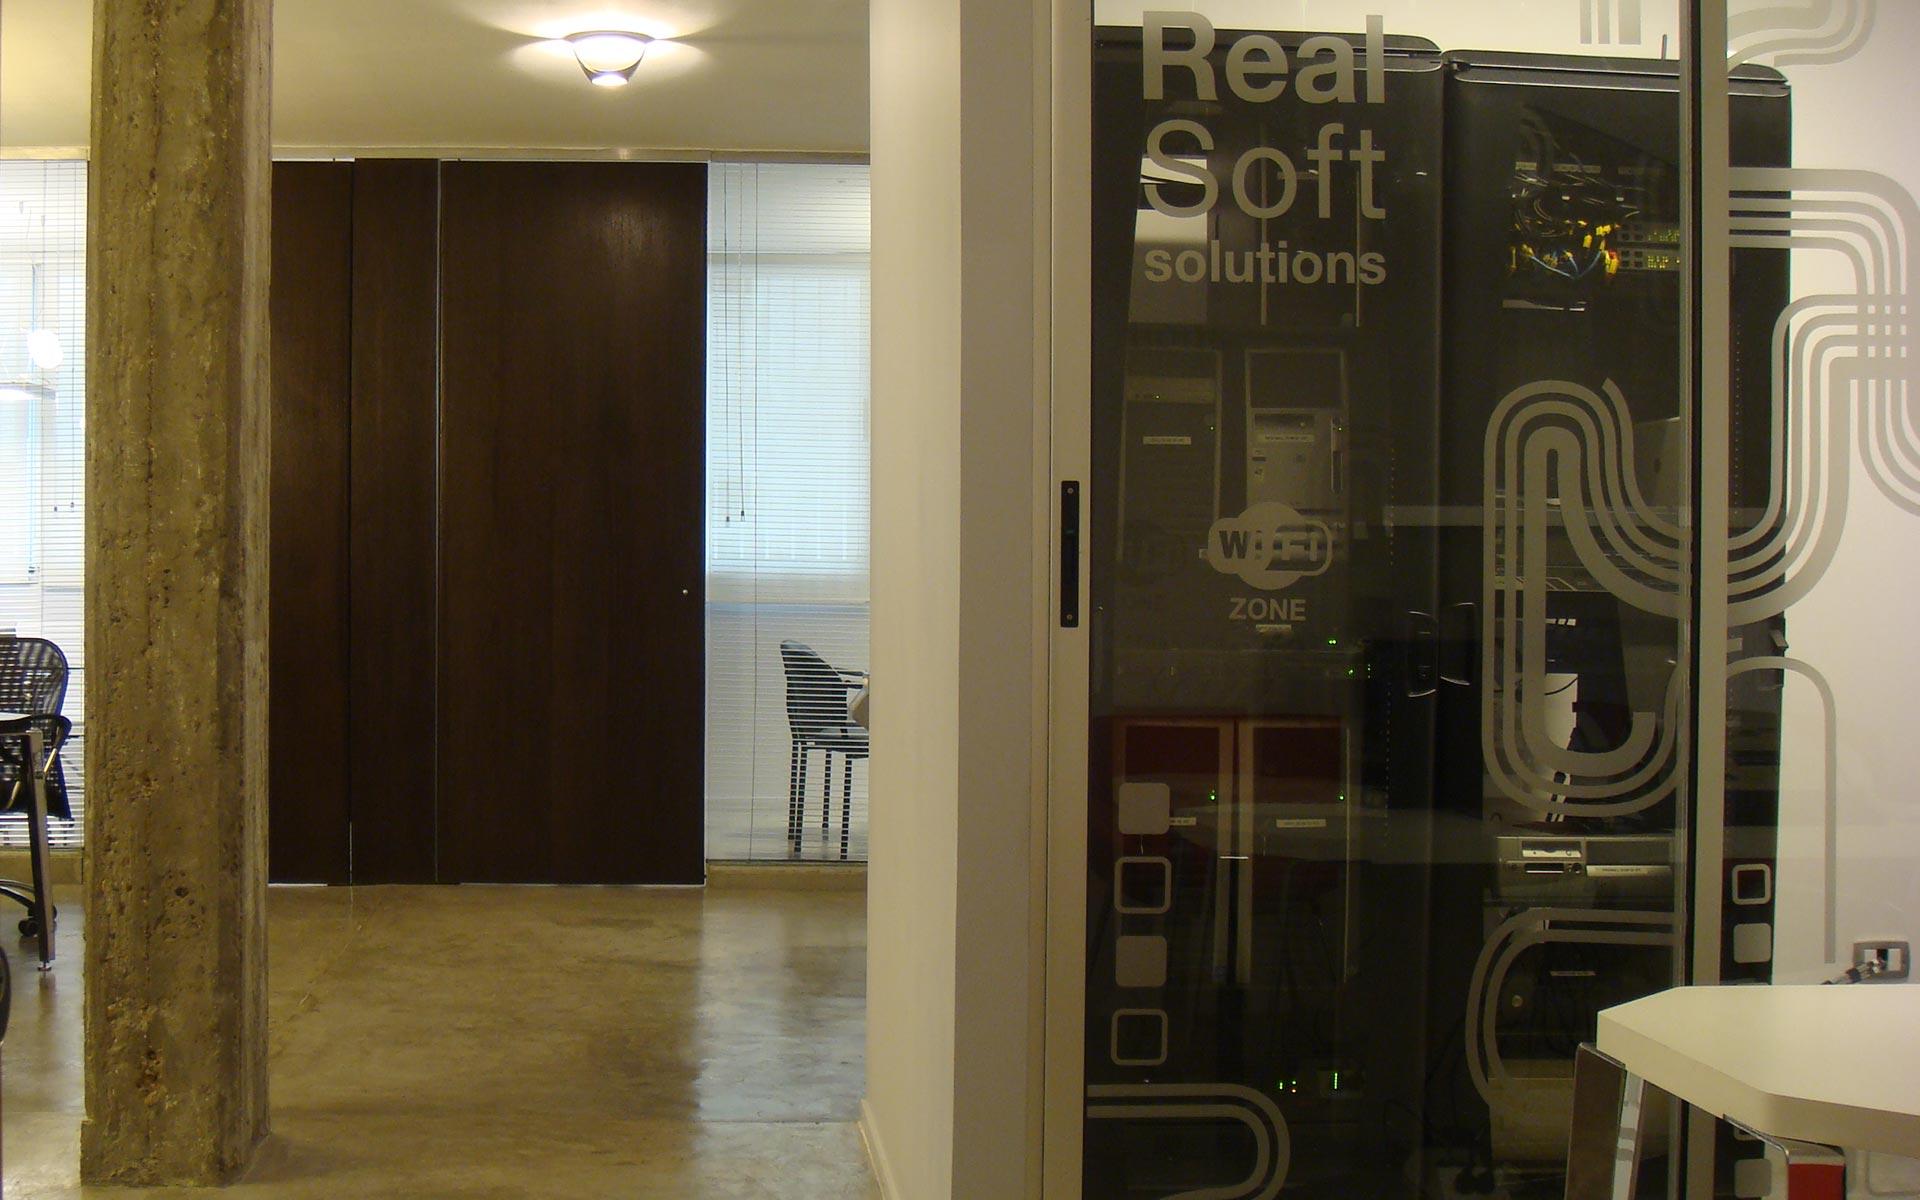 diseño interior, reforma oficina, sala general, columna de hormigón visto y piso de microcemento, puertas de madera oscura y paneles de vidrio